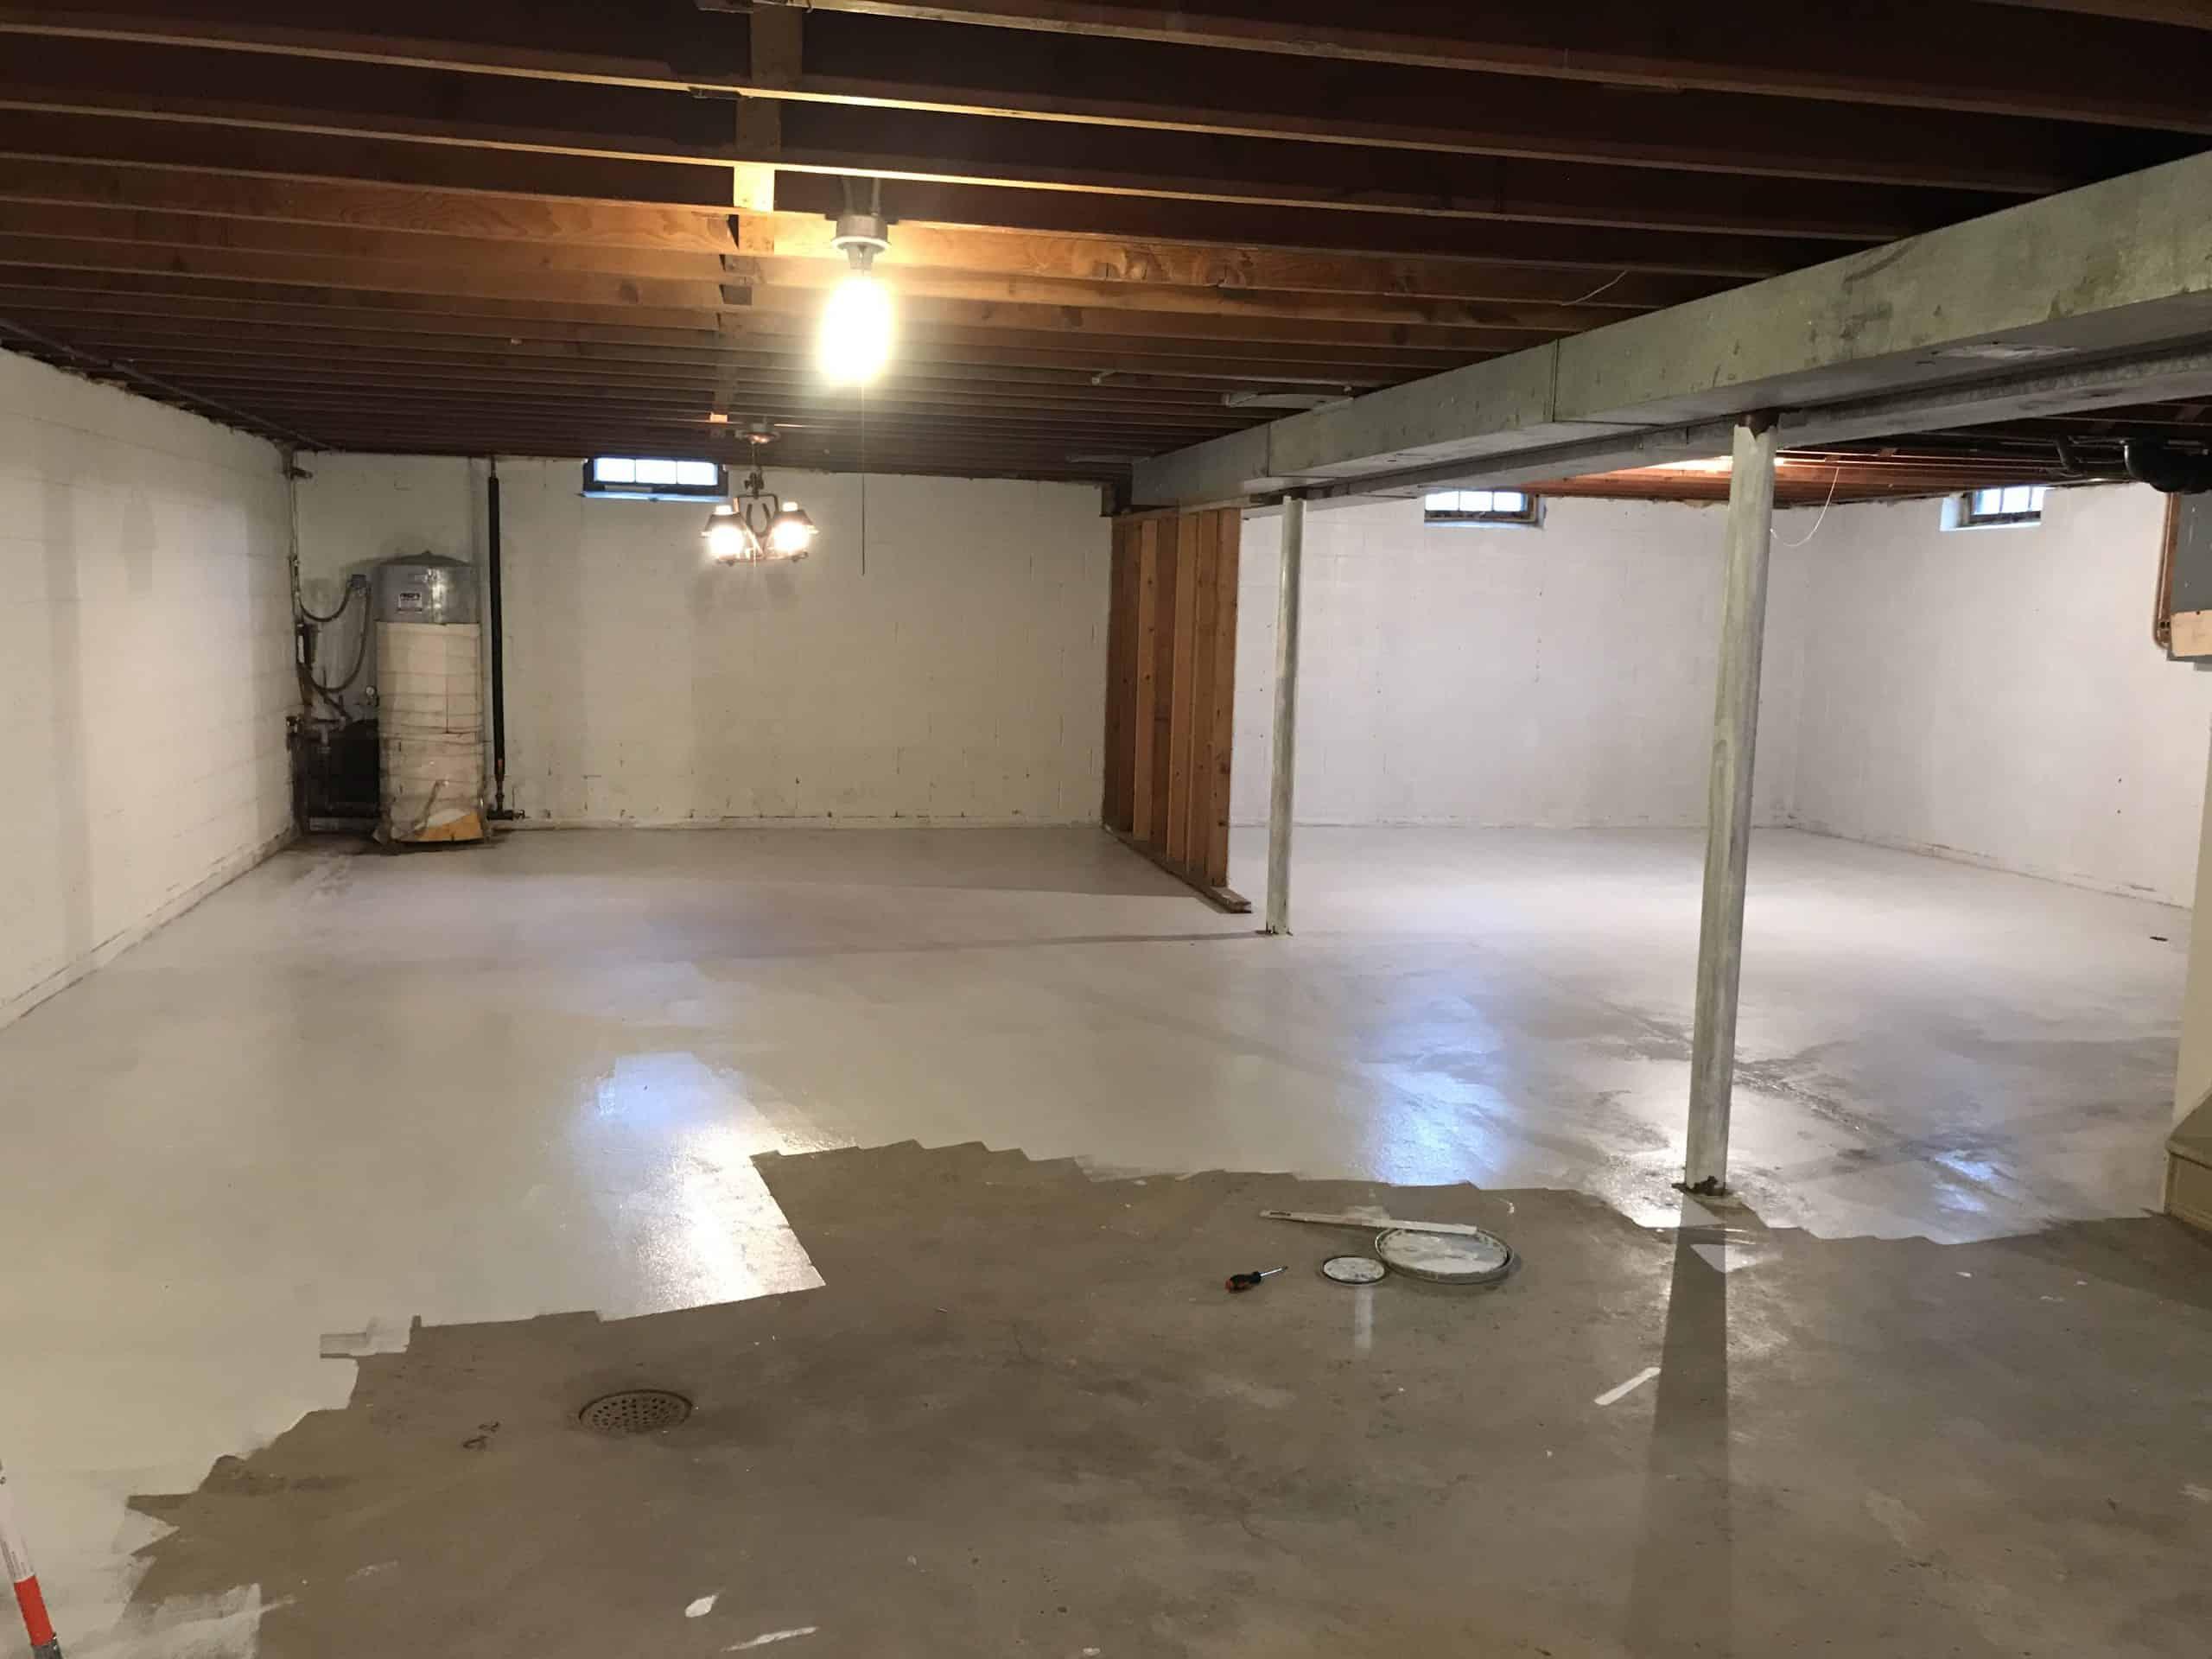 Unfinished Basement Rec Room